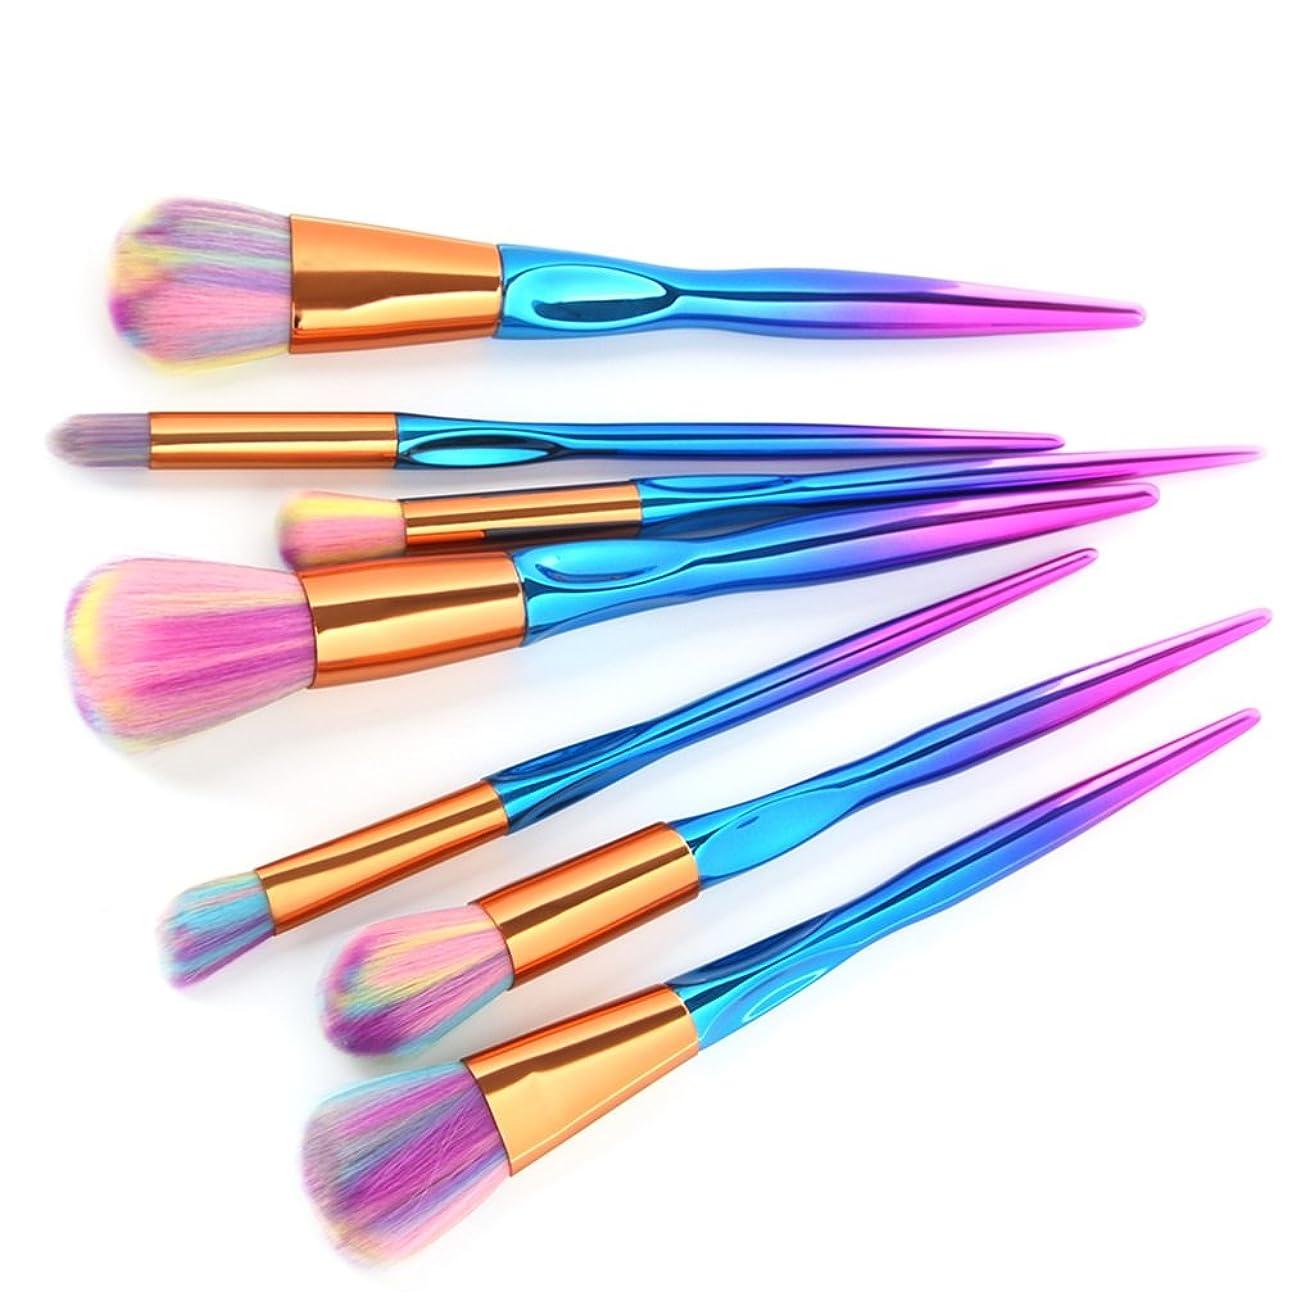 反毒フィード子CATYAA 7ハート型ハンドルメイクブラシスレッドハンドル明るい色の美容ツール (Color : Bright color)